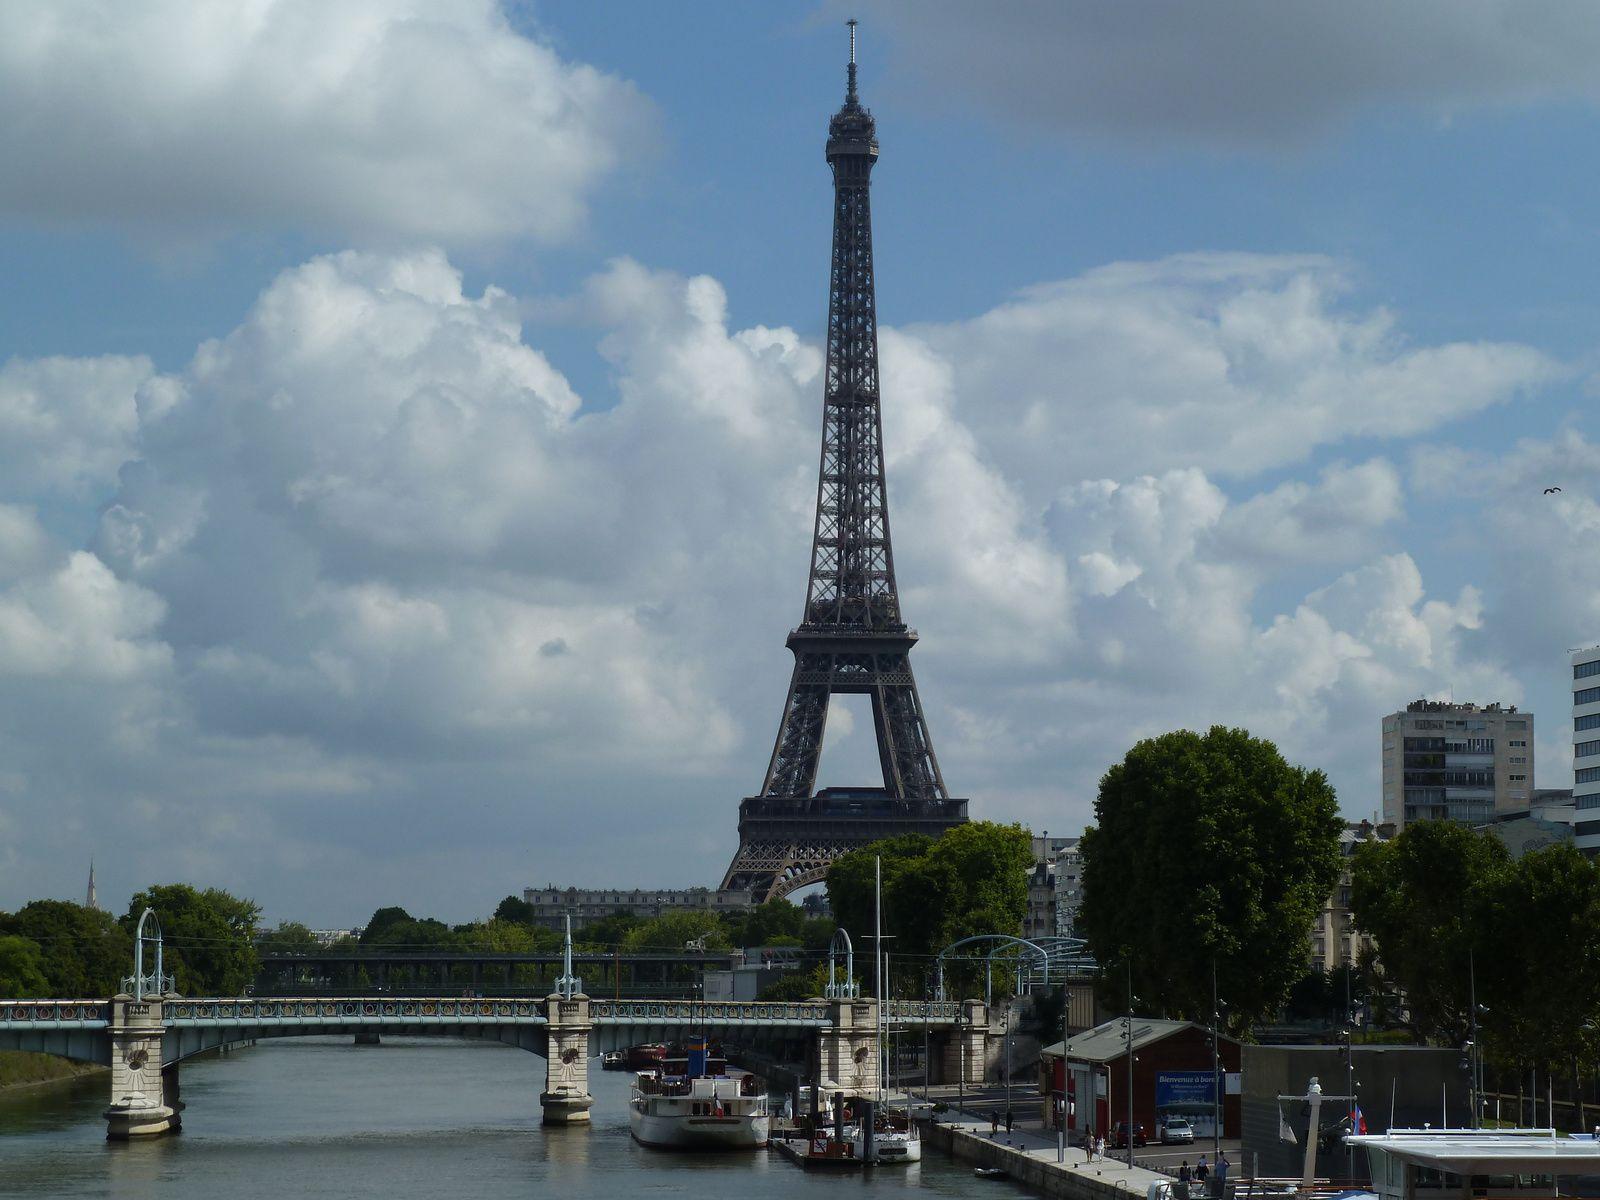 On a une vue de la Tour Eiffel et des immeubles sur le front de Seine Quai de Grenelle.